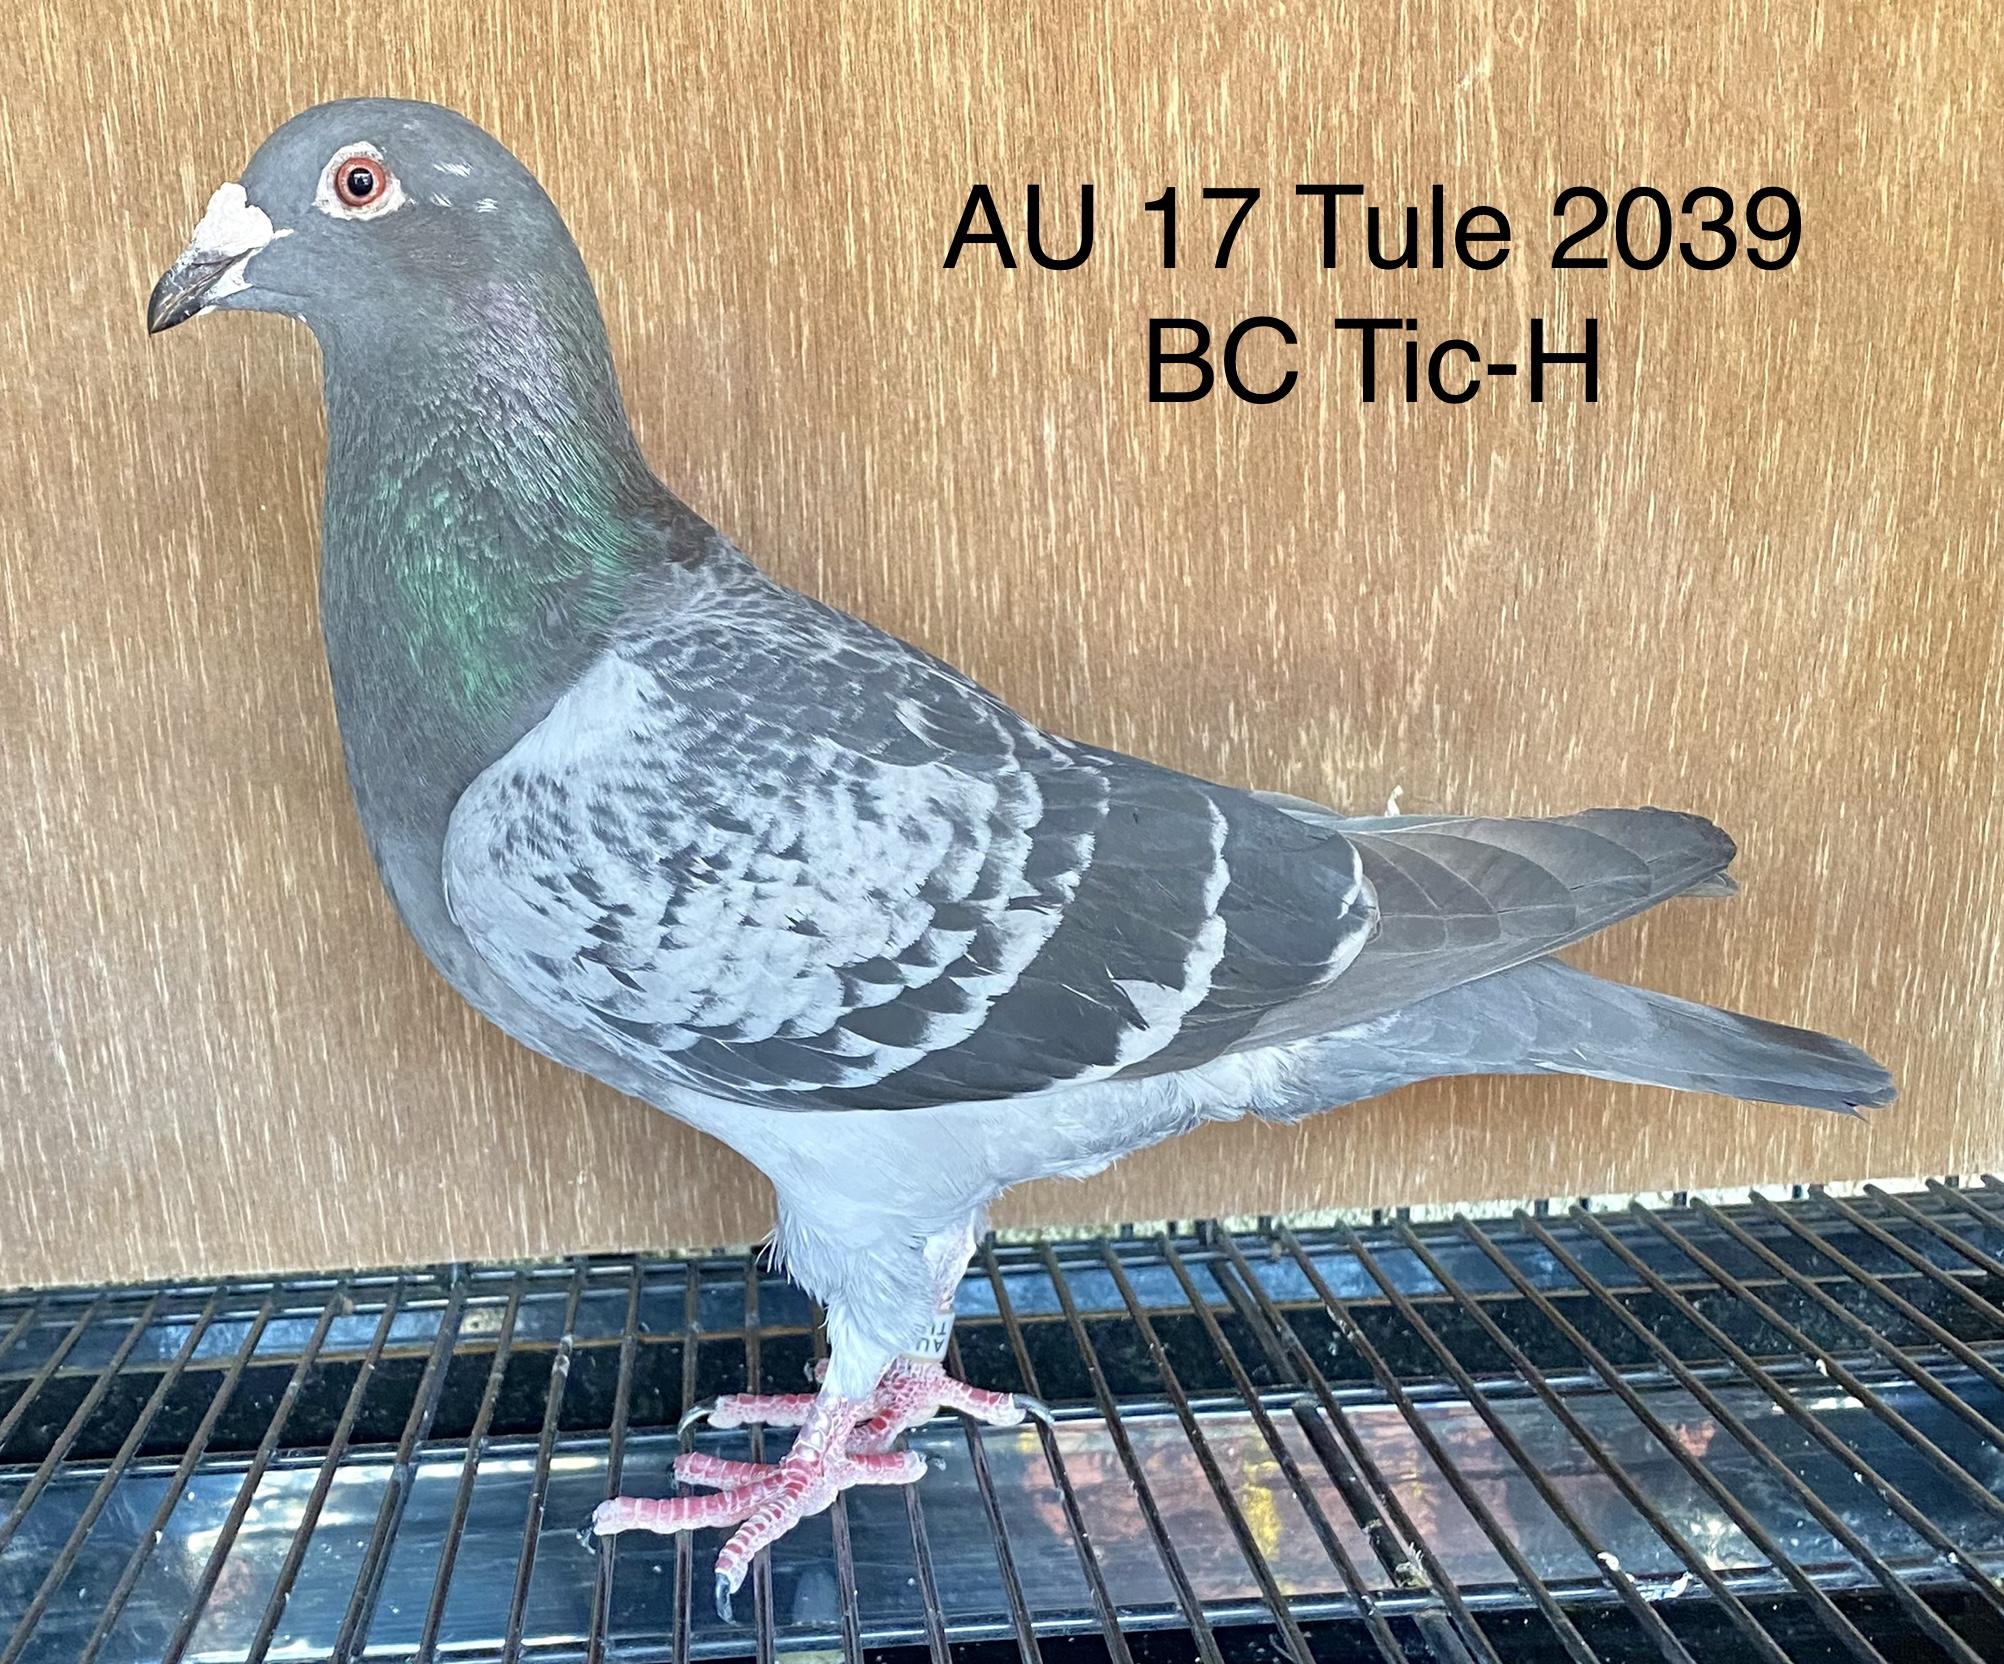 AU 17 Tule 2039 BC Tic-H